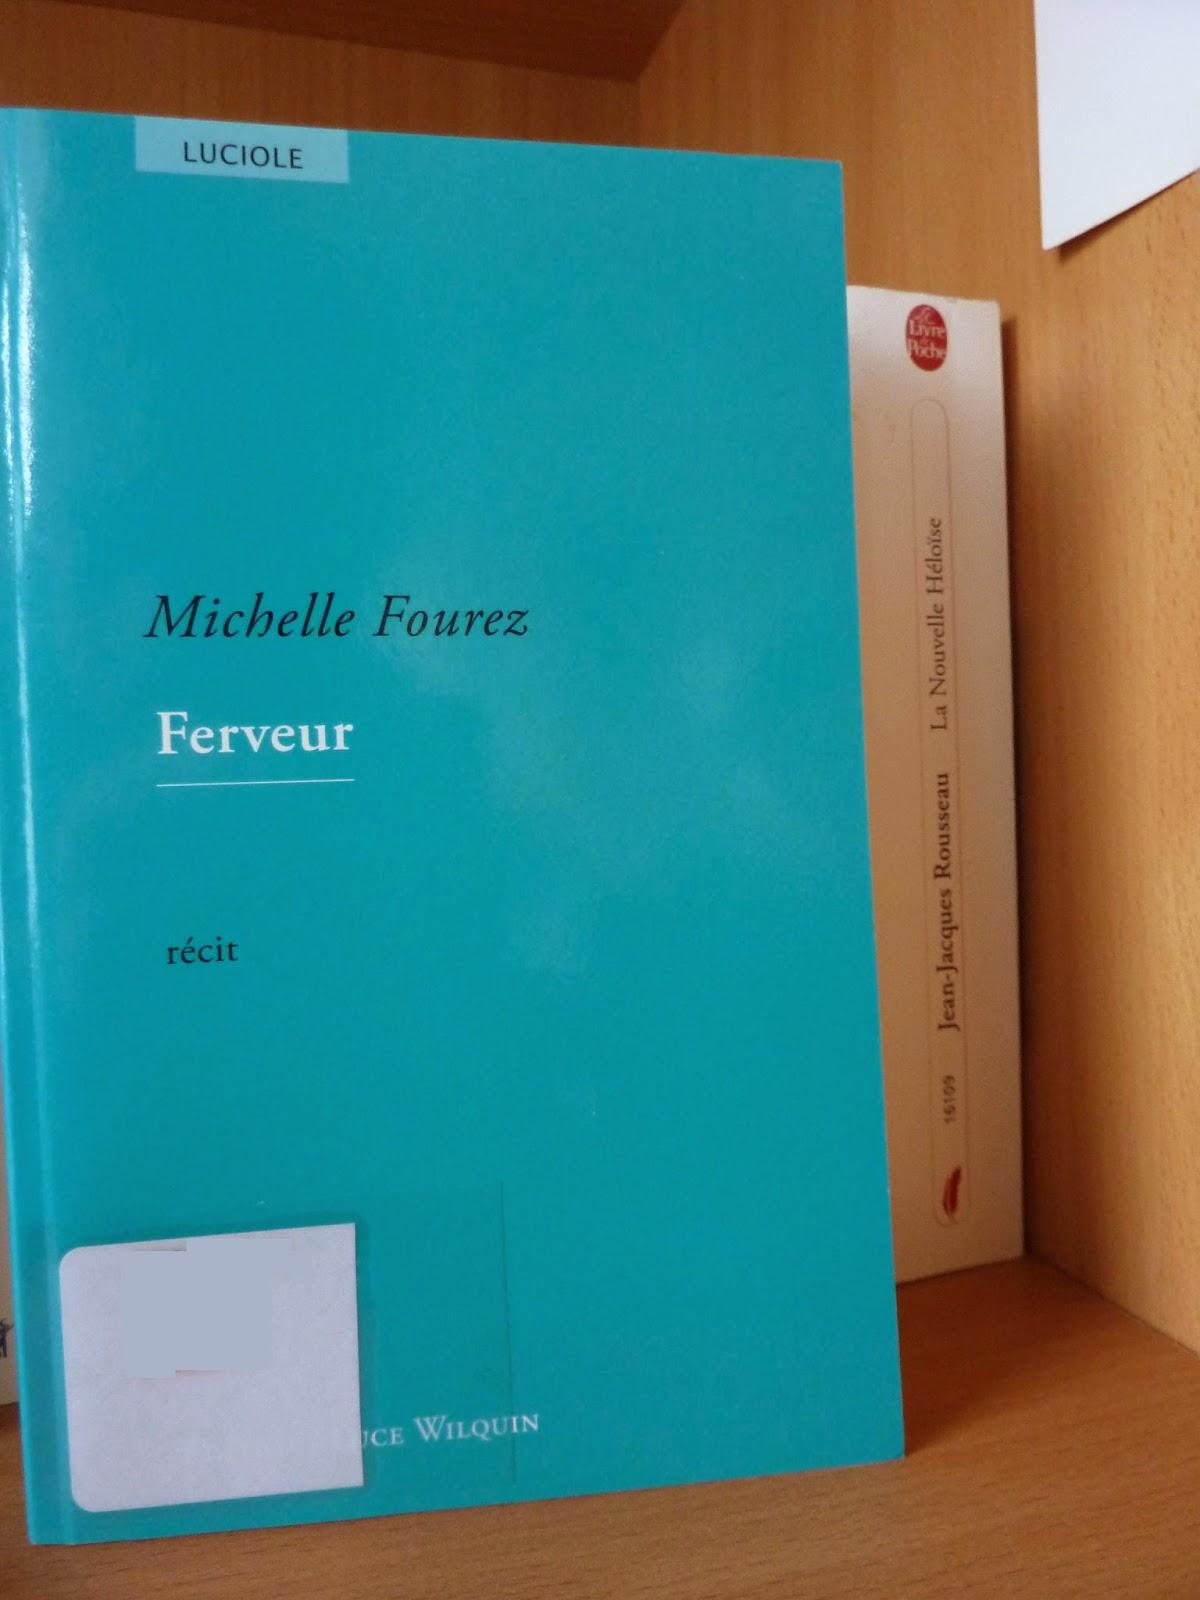 Ferveur - Michelle Fourez